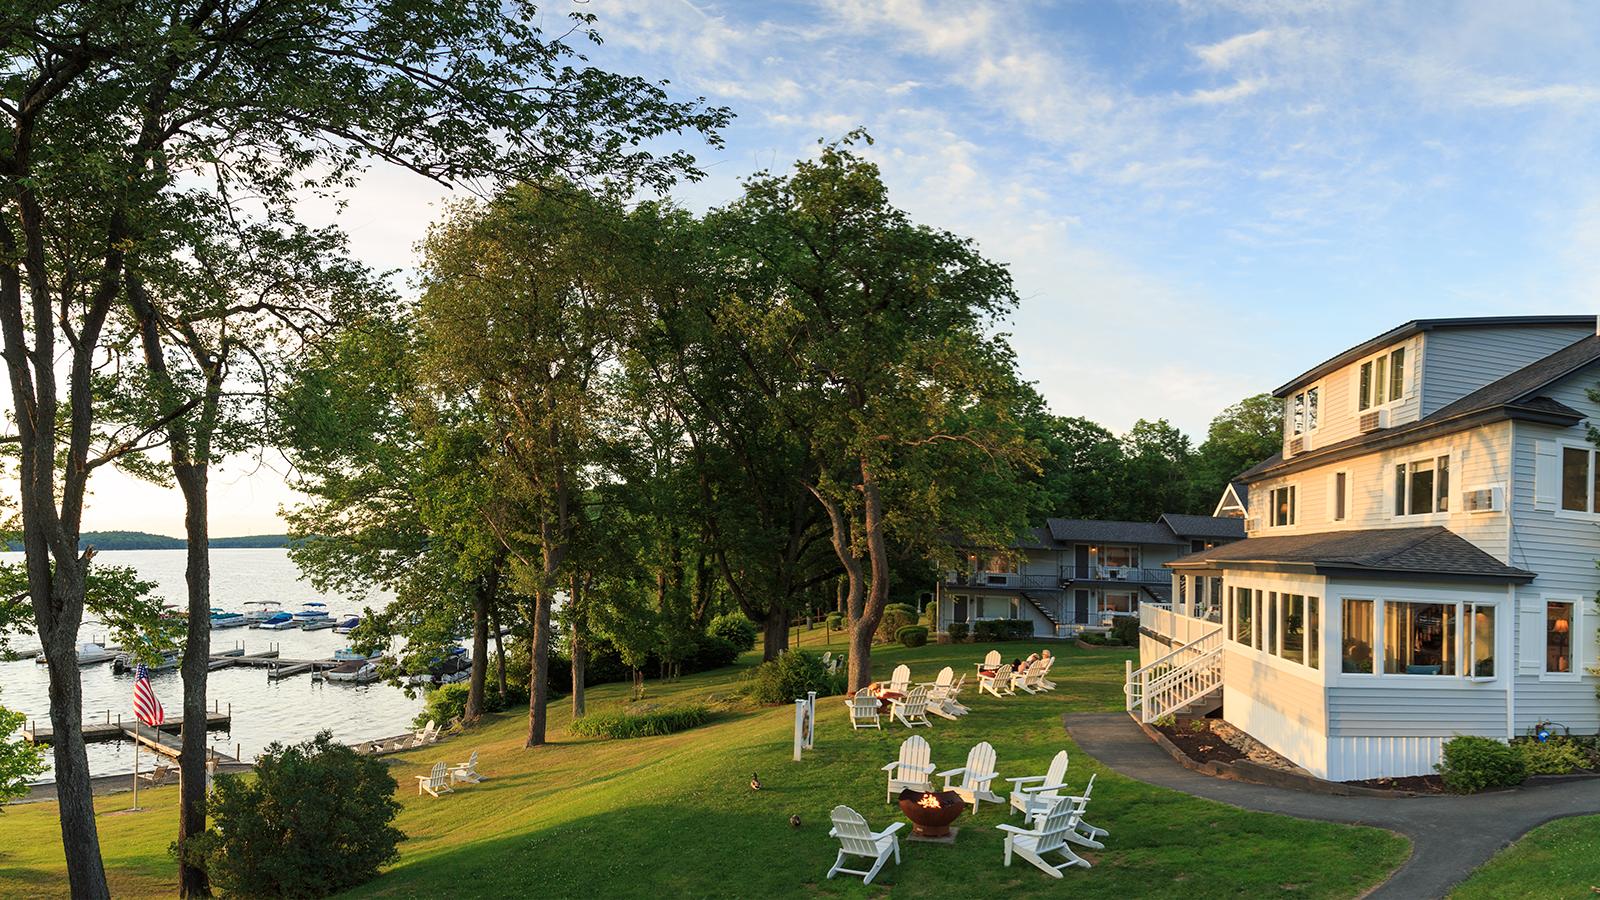 Menikmati Indahnya Danau Wallenpaupack di Resort Ehrhardts Sambil Main Judi Online 2